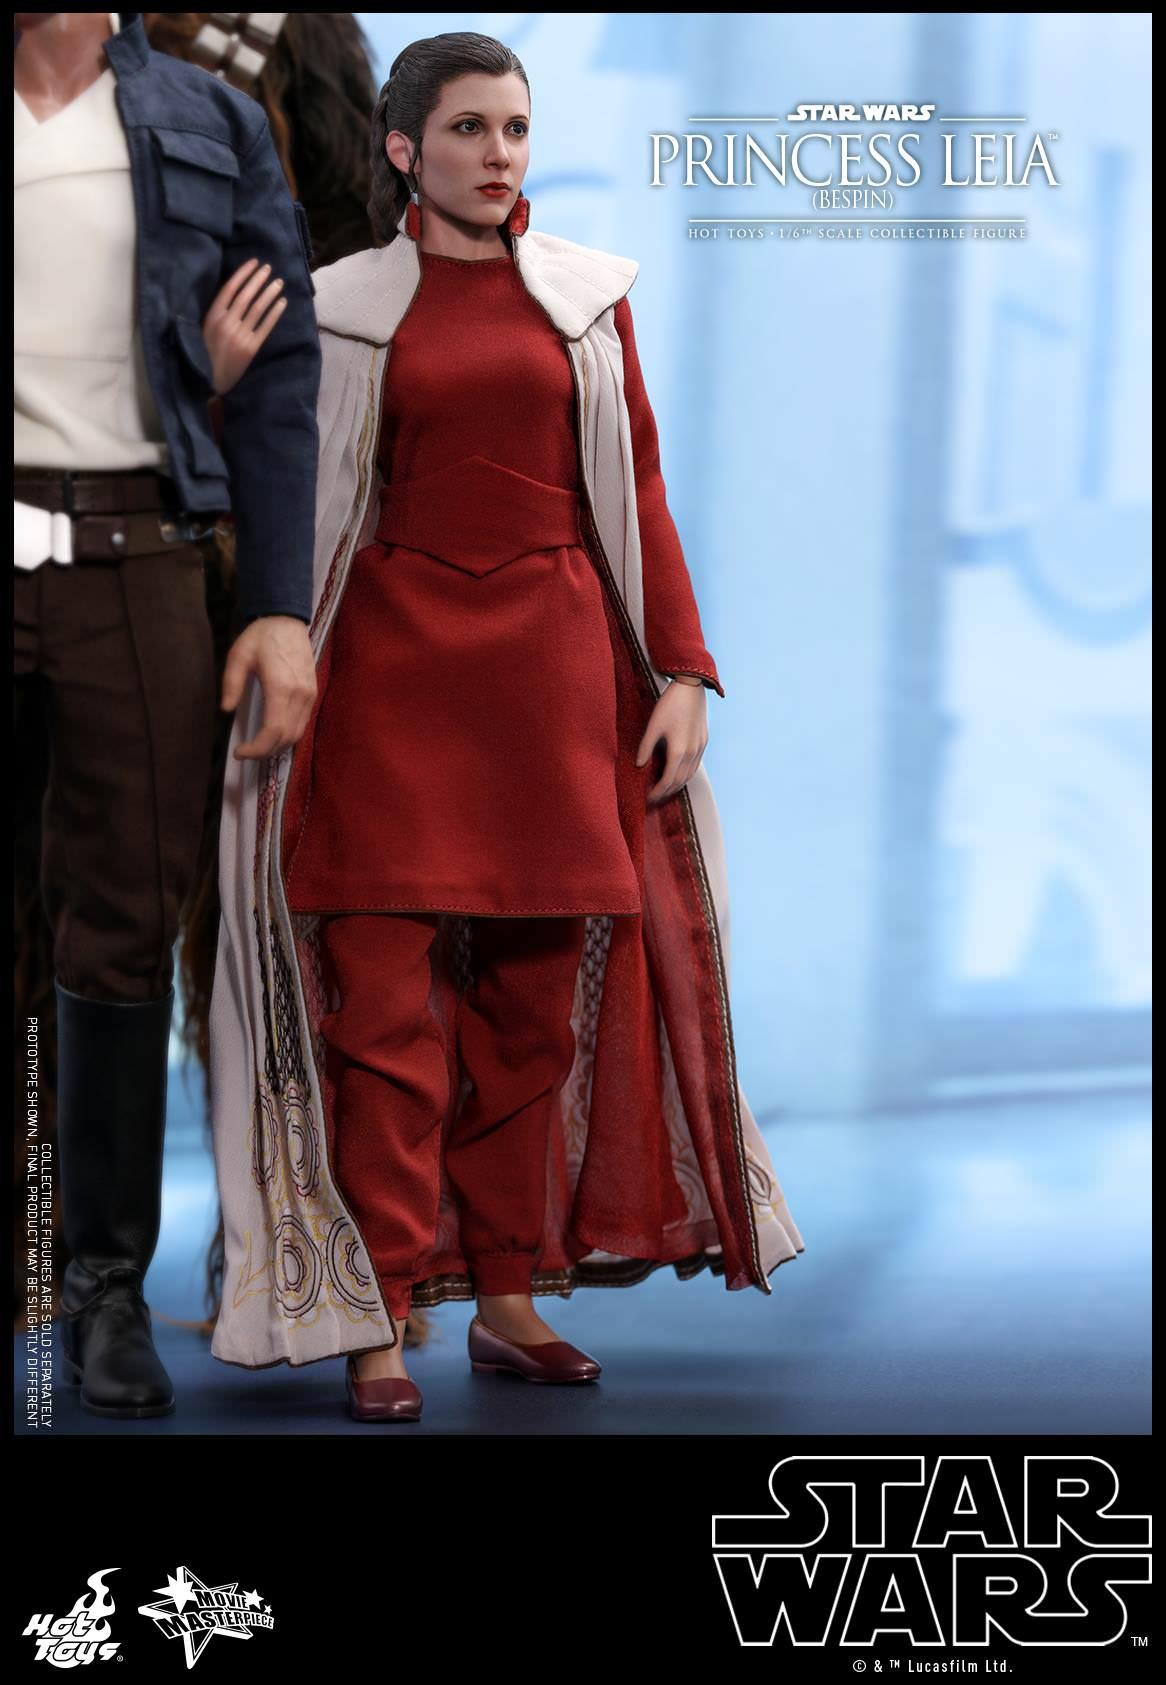 Hot Toys Mms 508 Star Wars V Tesb Princess Leia Bespin Hot